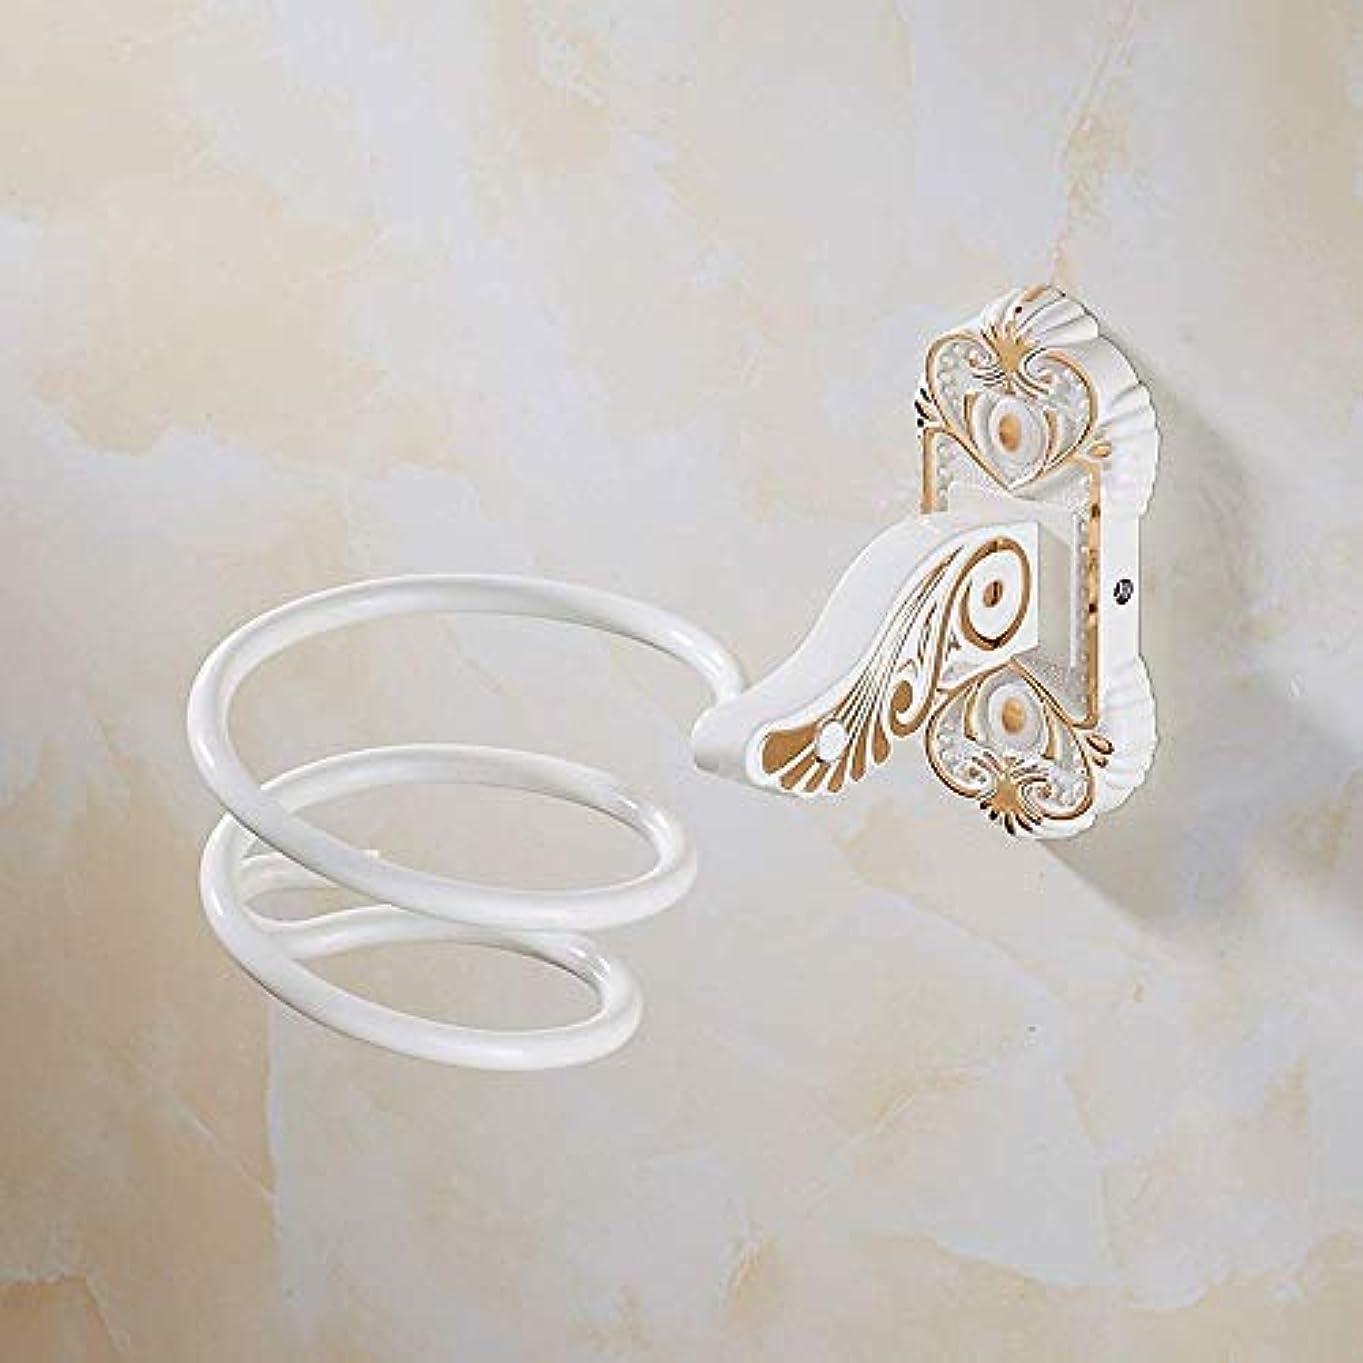 スクリーチ母補償DBCSDヨーロッパ彫刻ヘアドライヤーブラケット浴室ヘアドライヤー収納棚手描きのゴールドヘアドライヤーハンガースペースアルミバスルームヘアドライヤースパイラルスタンドフレーム